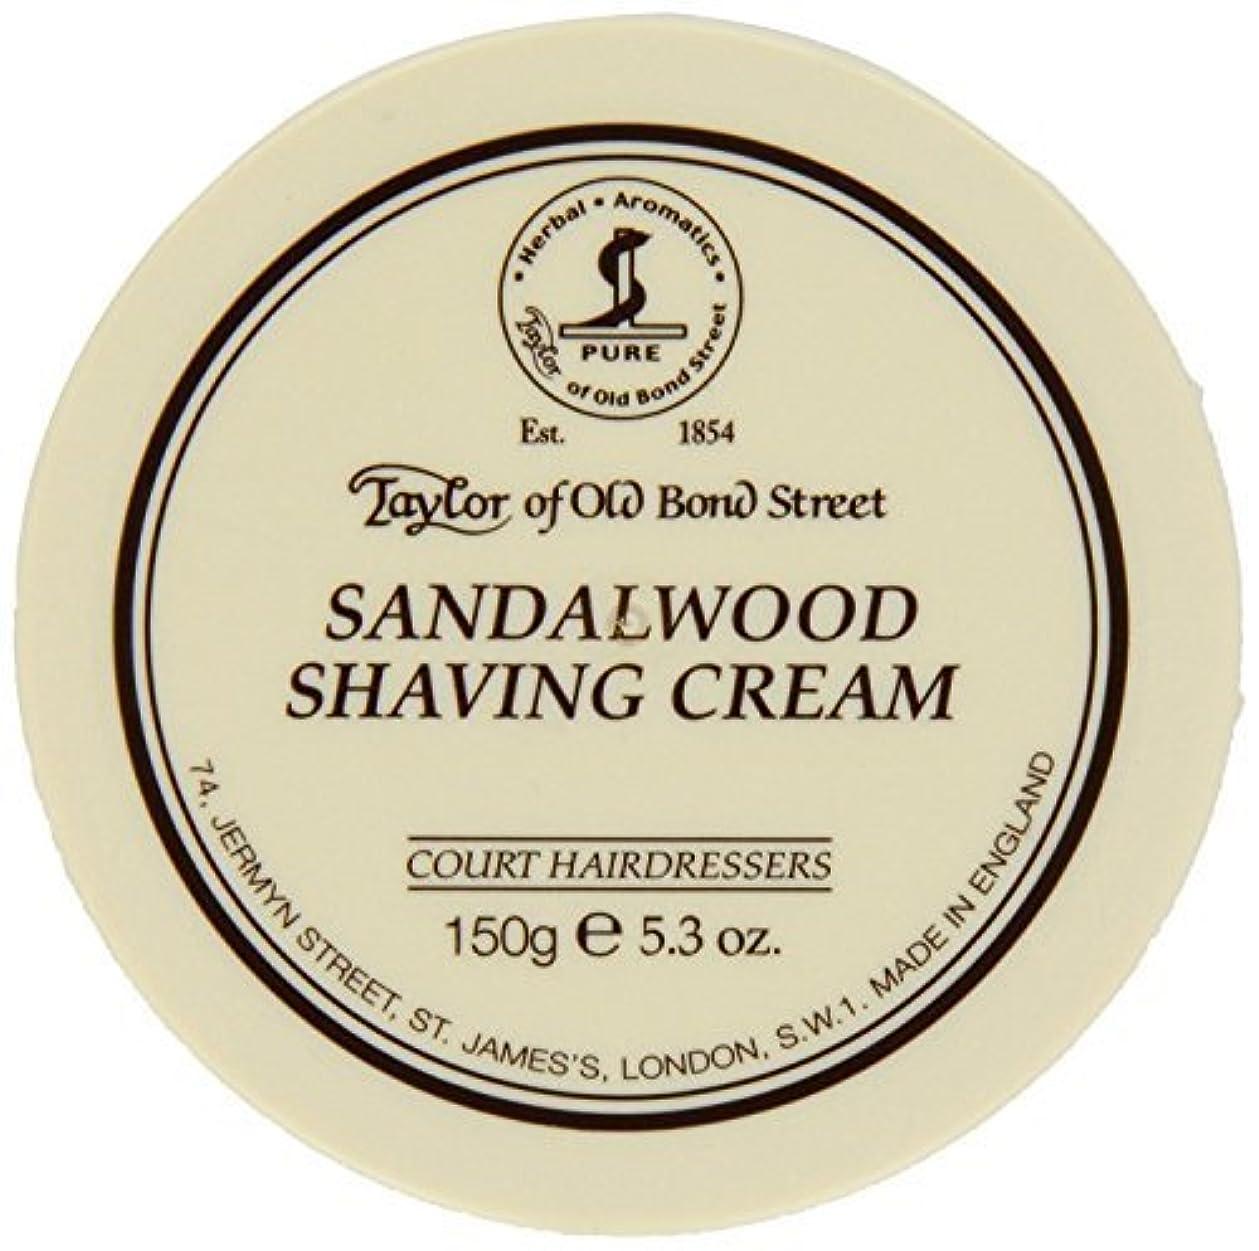 満了肺炎時折Taylor of Old Bond Street SHAVING CREAM for SANDALWOOD 150g x 2 Bowls by Taylor of Old Bond Street [並行輸入品]